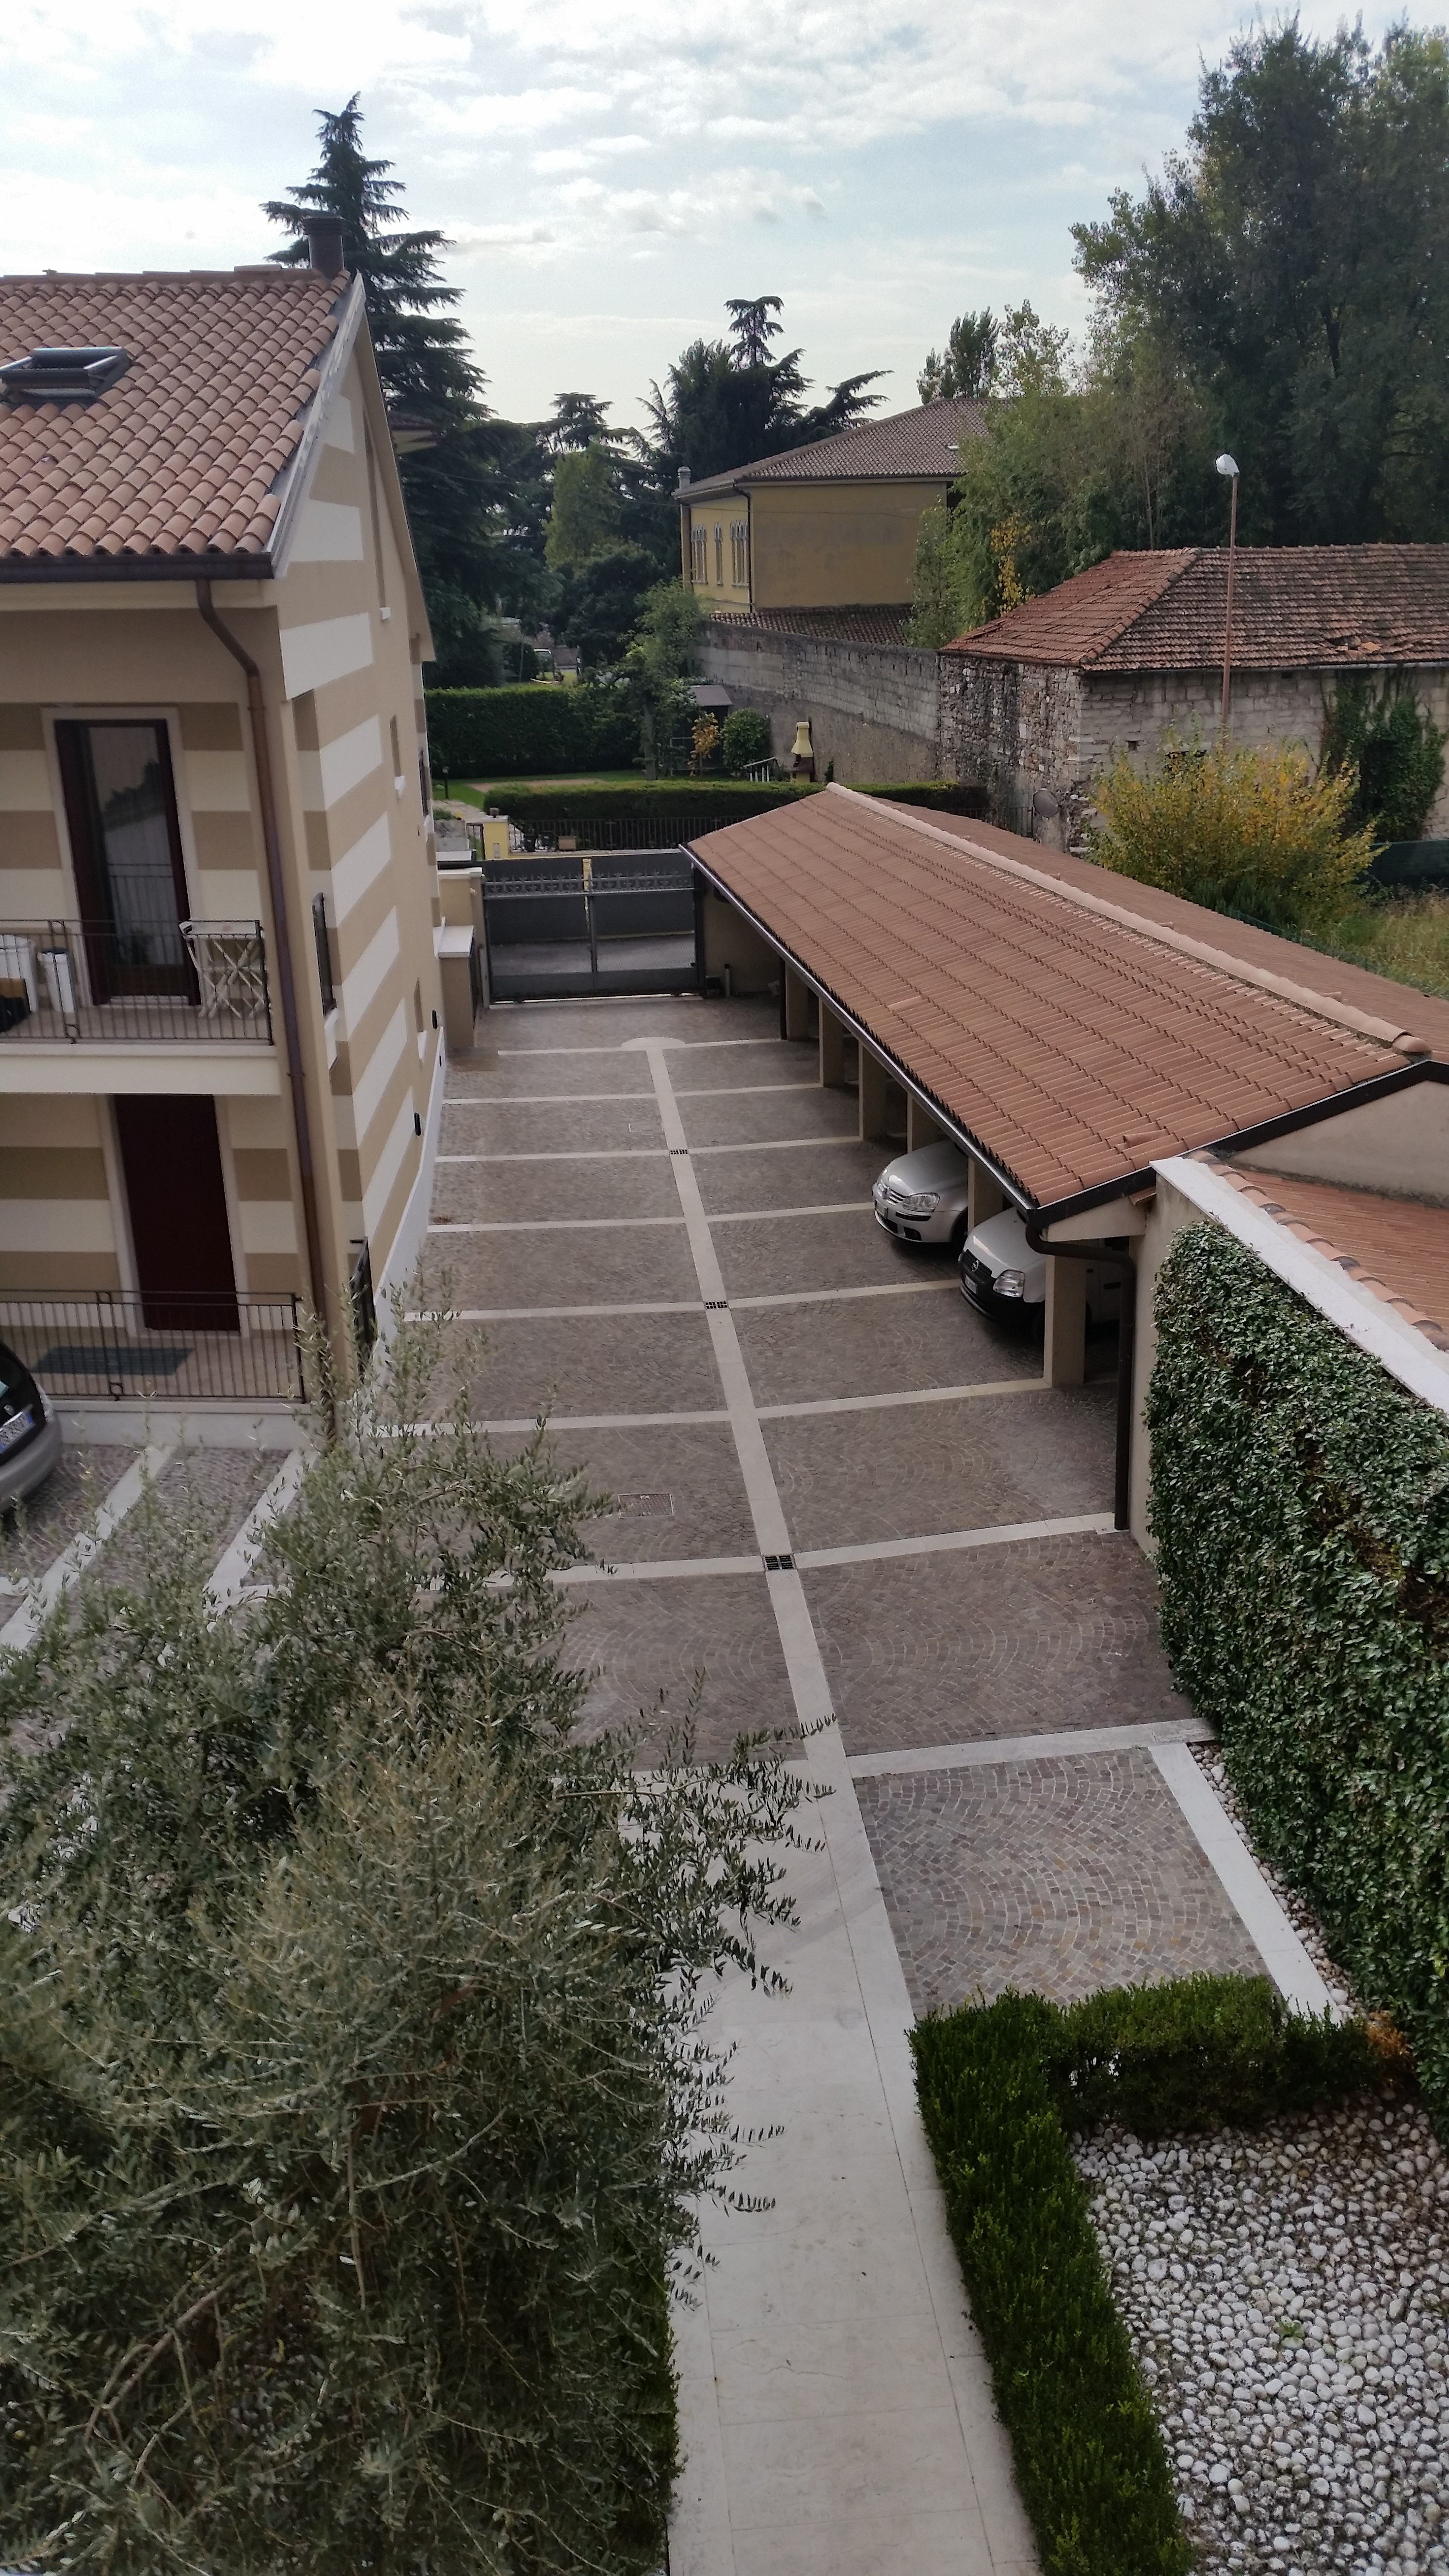 immagine dall`alto di un parcheggio condominiale